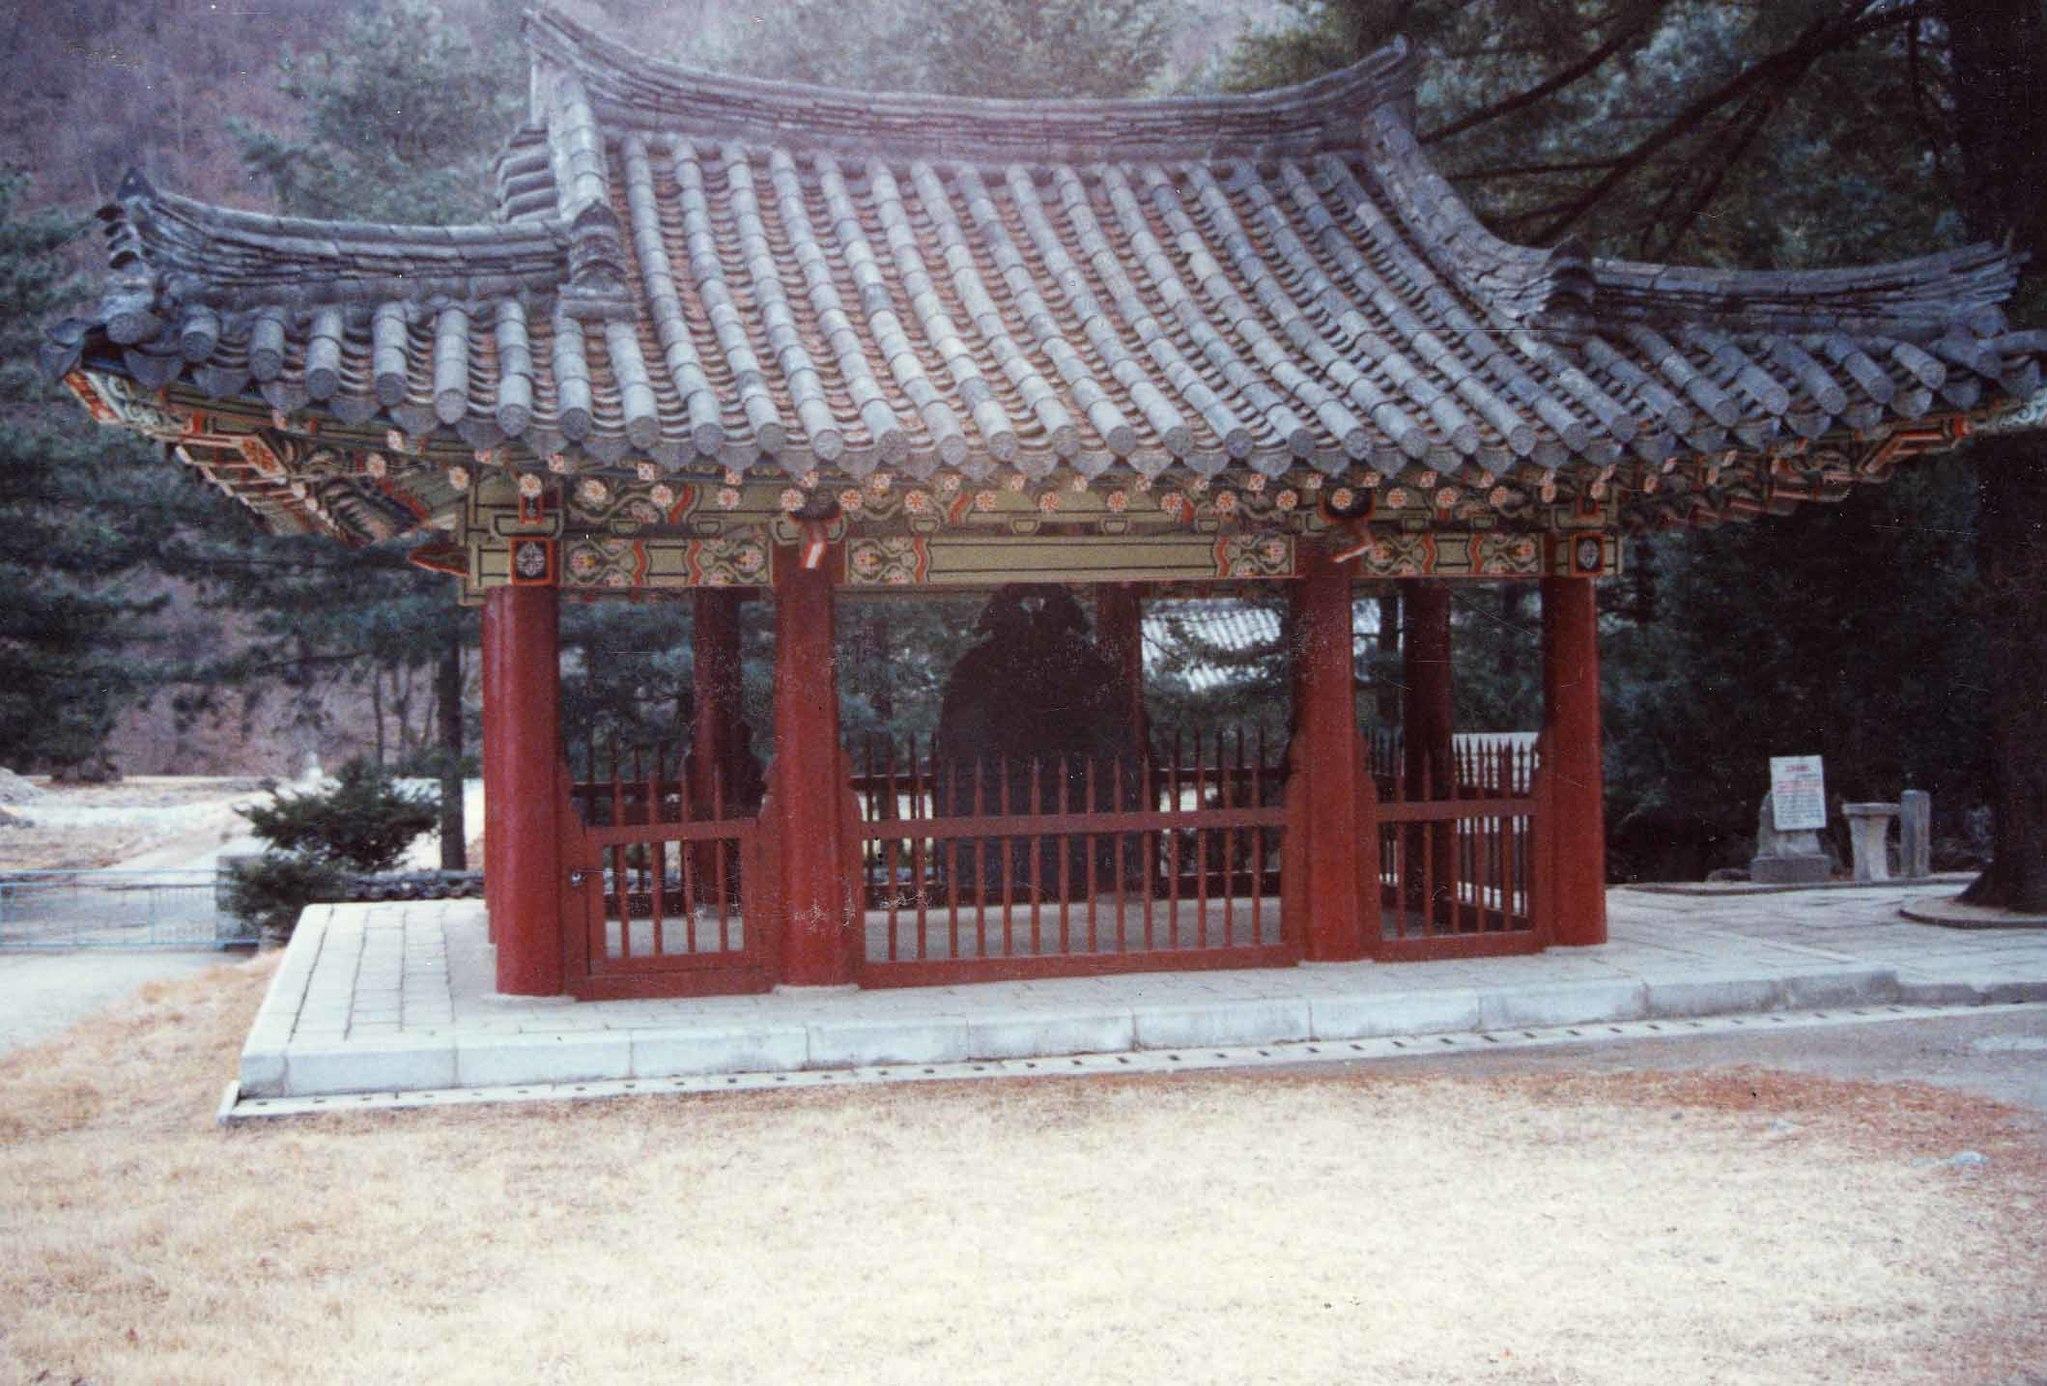 묘향산 보현사 경내로 옮겨진 강원도 금강산 유점사 종각. [중앙포토]